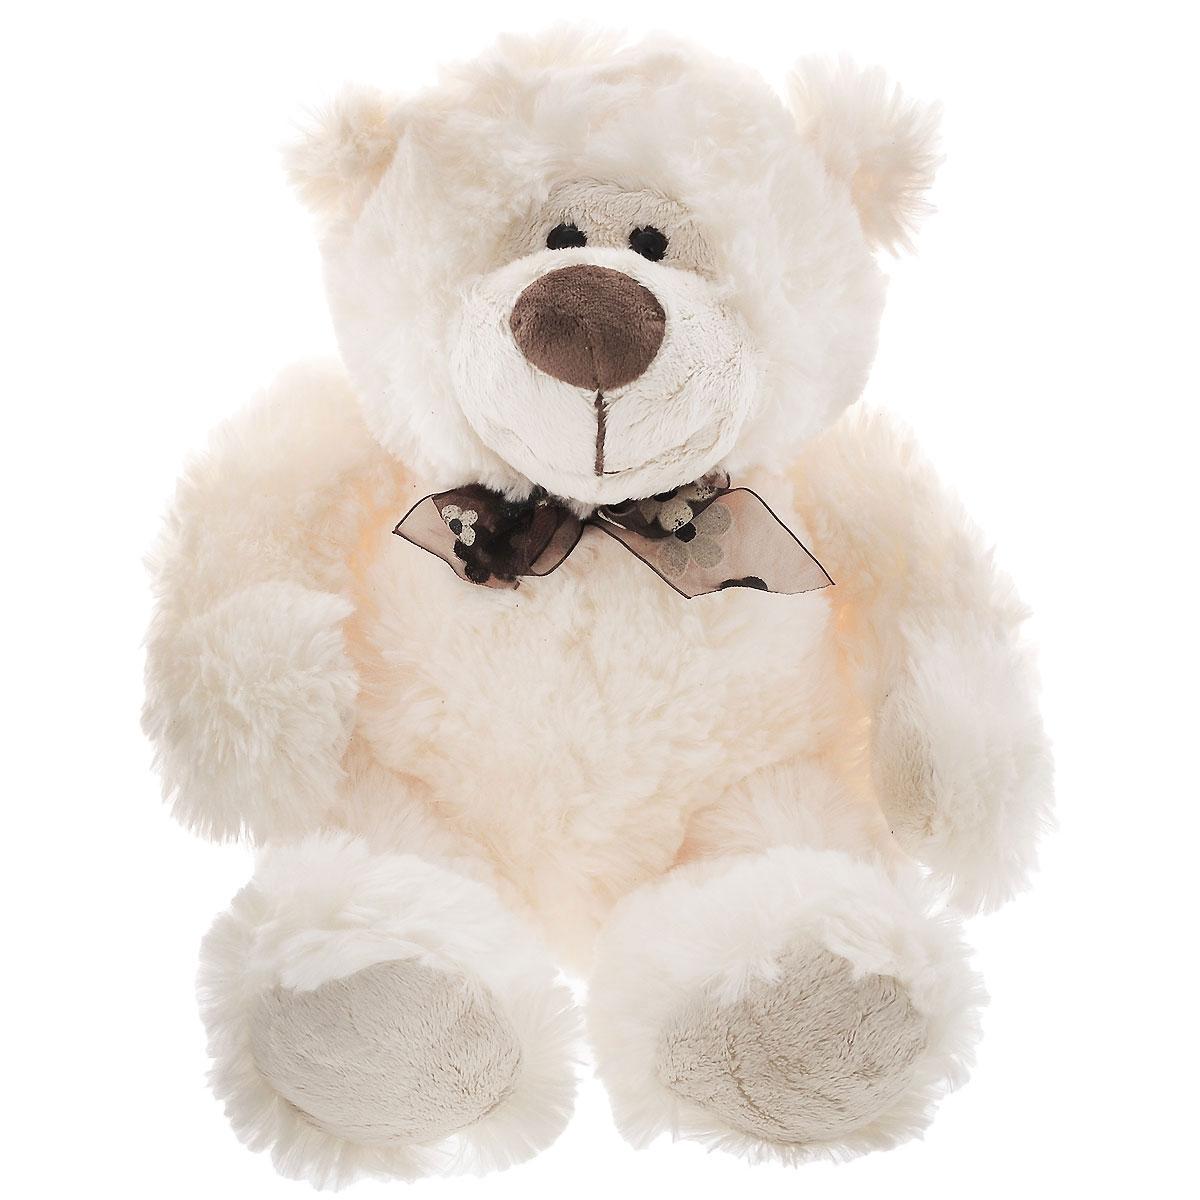 Мягкая игрушка Plush Apple Медведь Богдан, цвет: молочный, 37 смK13038AОчаровательный пушистый мишка Богдан никого не оставит равнодушным. Его добрые глаза и веселая улыбка вызовут умиление и улыбку. Невероятно мягкий и нежный, с ним так приятно играть, ходить на прогулку и засыпать, прижавшись к его бочку. Мишка станет прекрасным подарком любимым и близким.